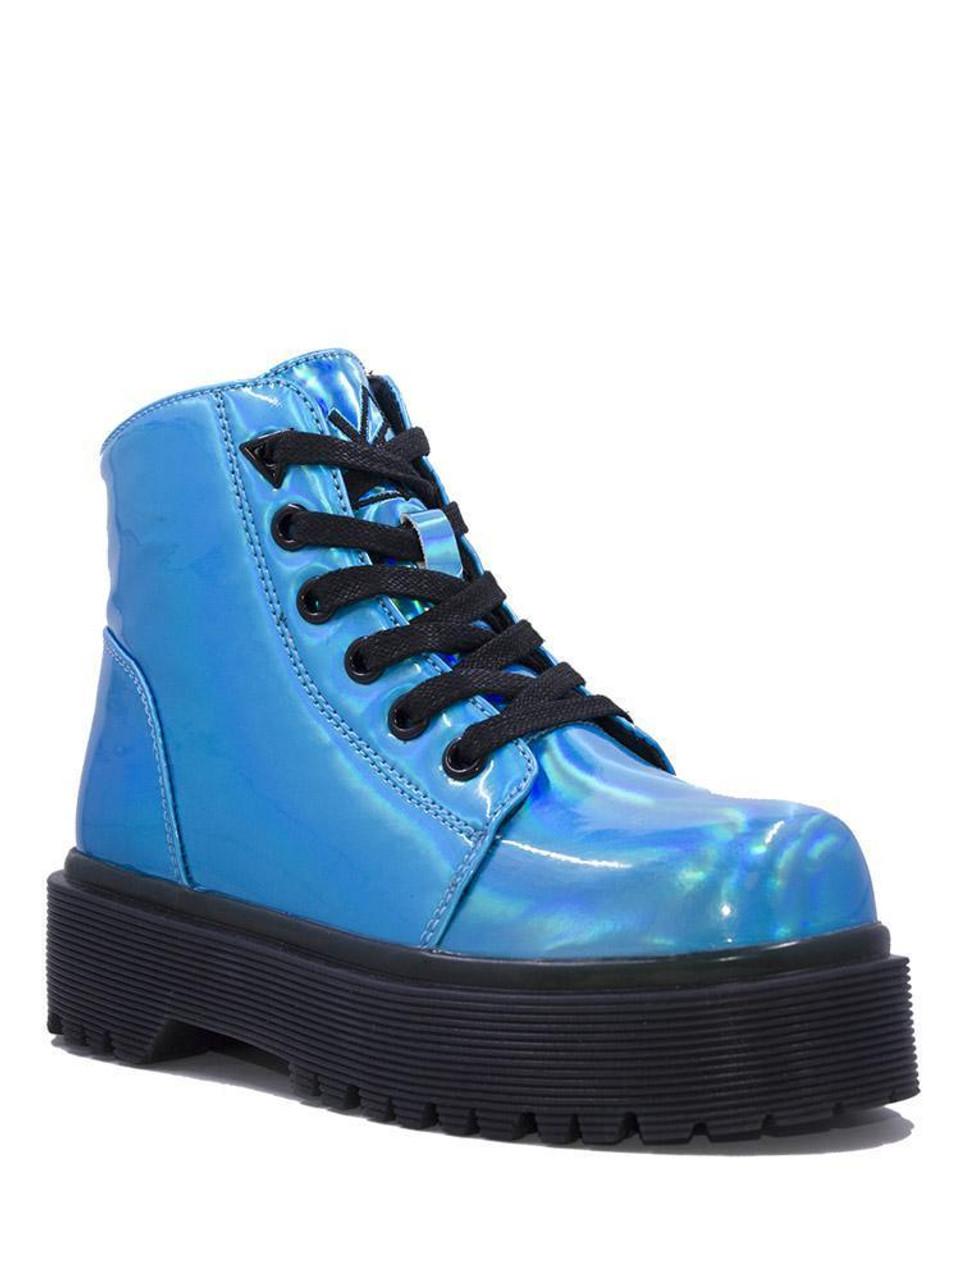 Y.R.U Slayr Blue Hologram Holographic